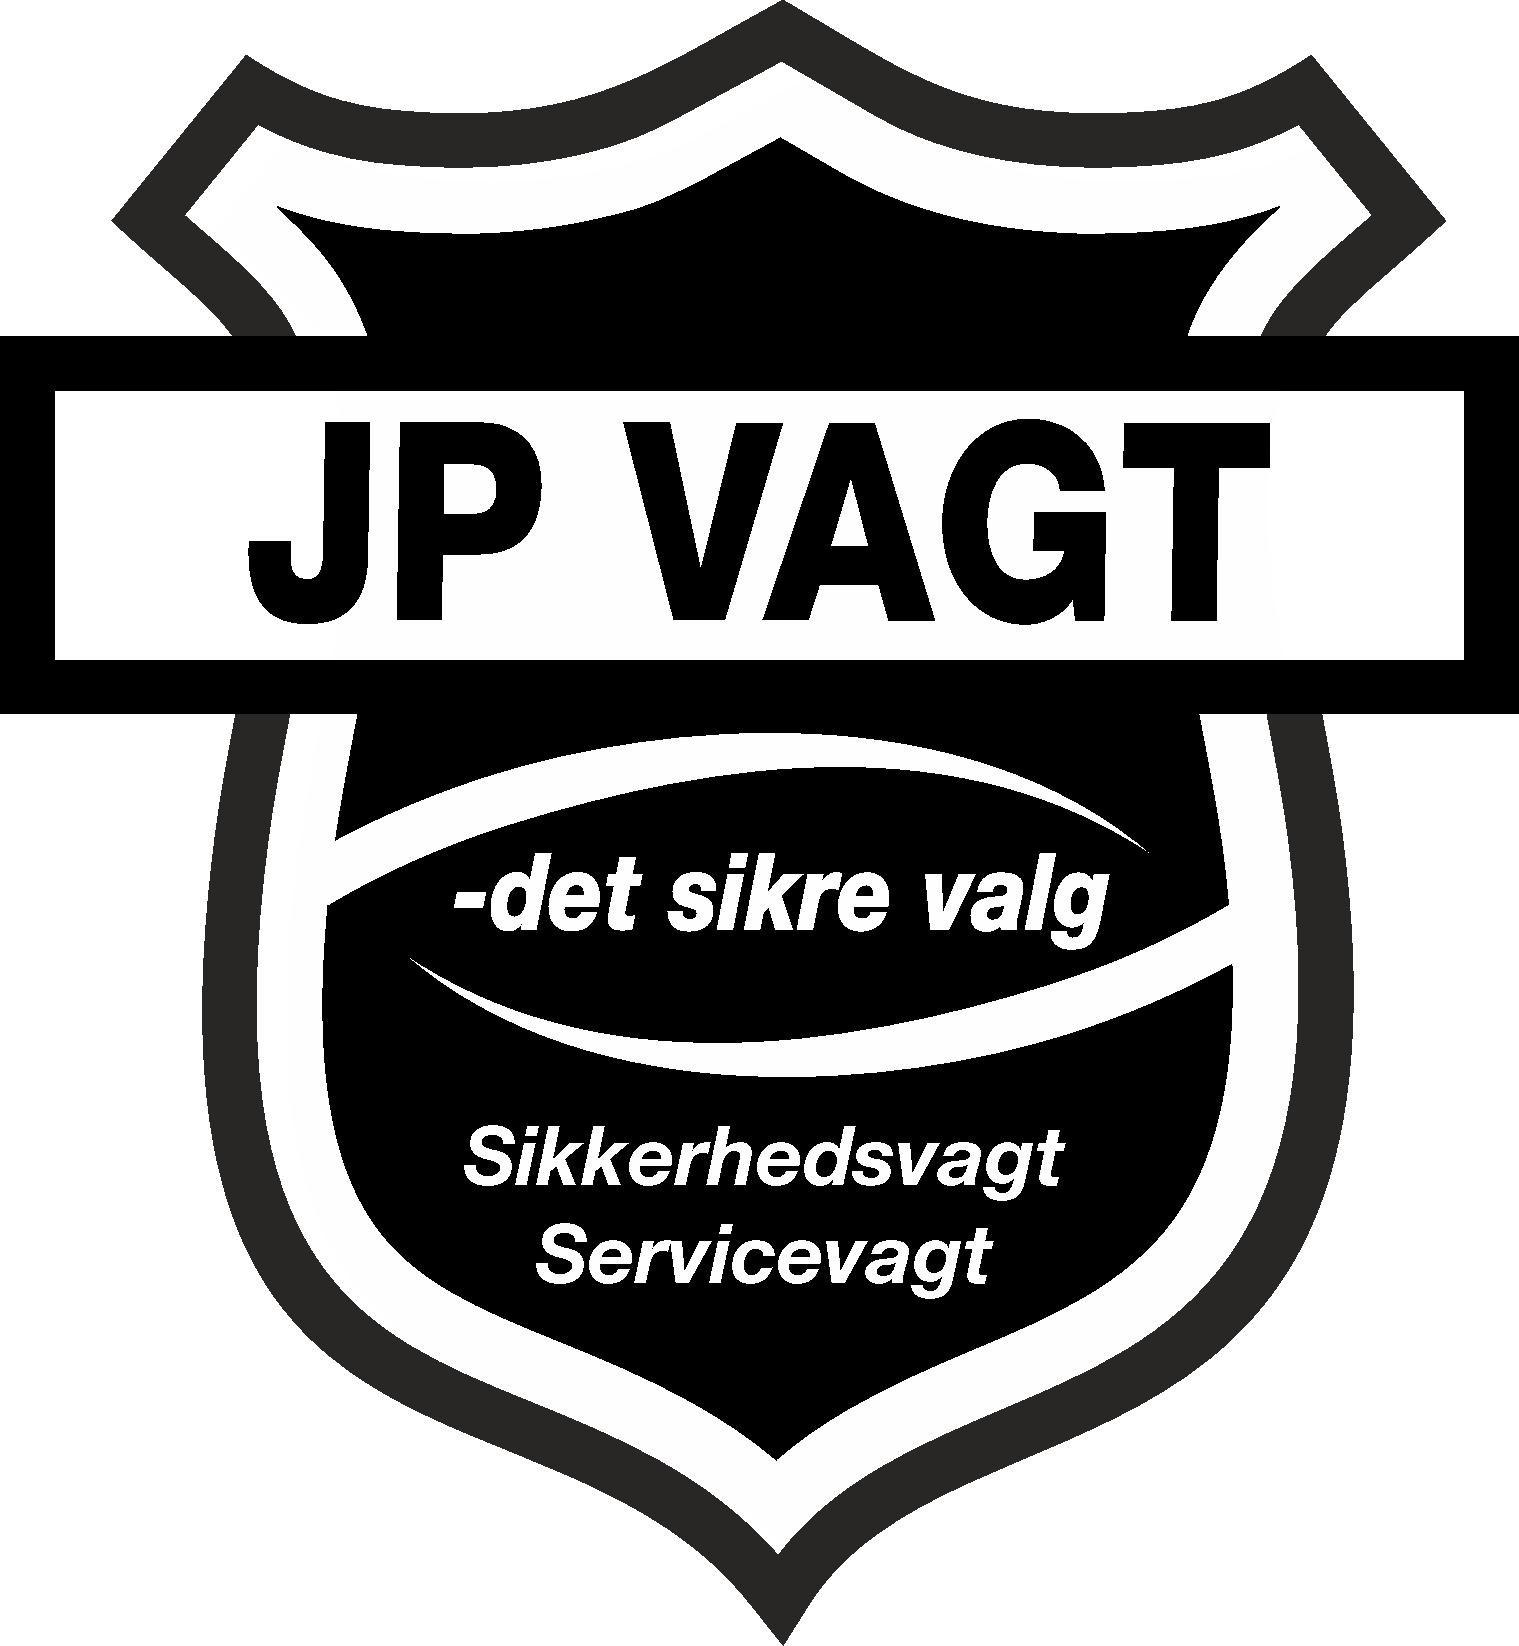 JP Vagt logo